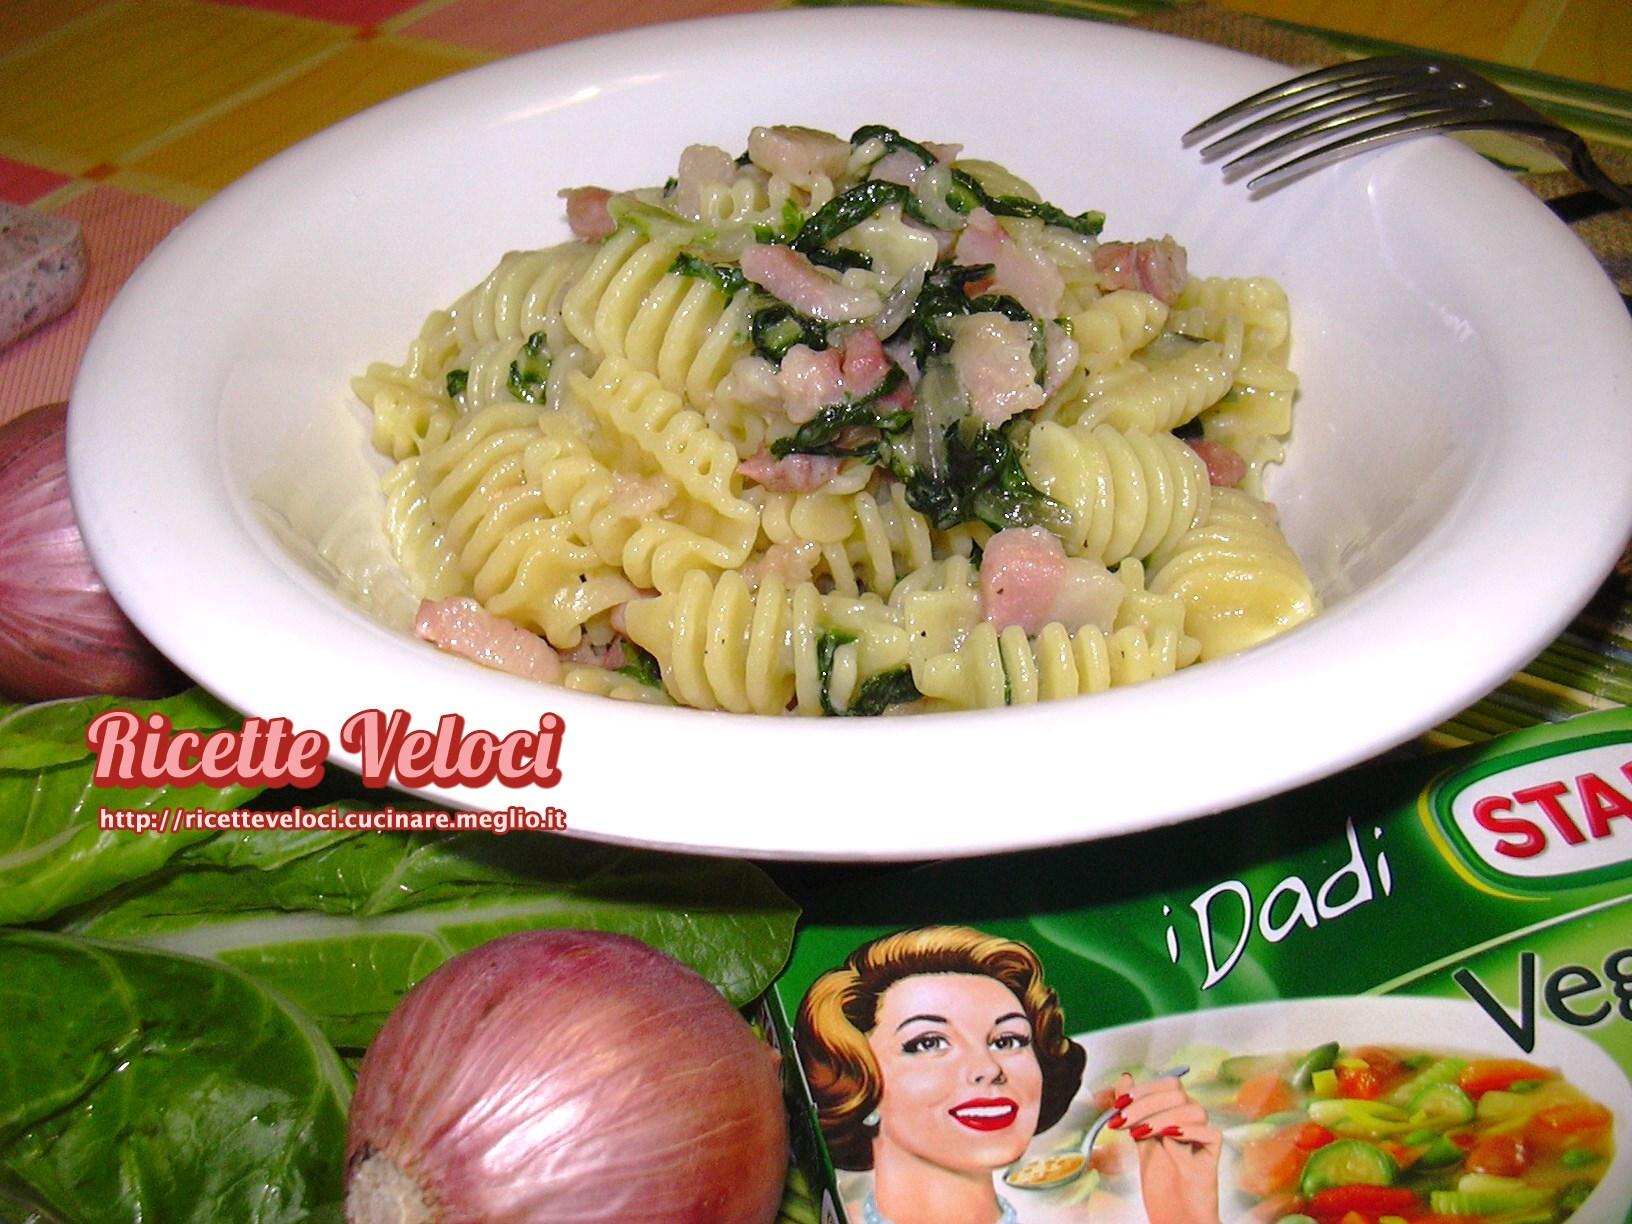 Ricette Dei Secondi Piatti Della Cucina Italiana Gli Review Ebooks #366910 1632 1224 Foto Di Cucina Divertenti